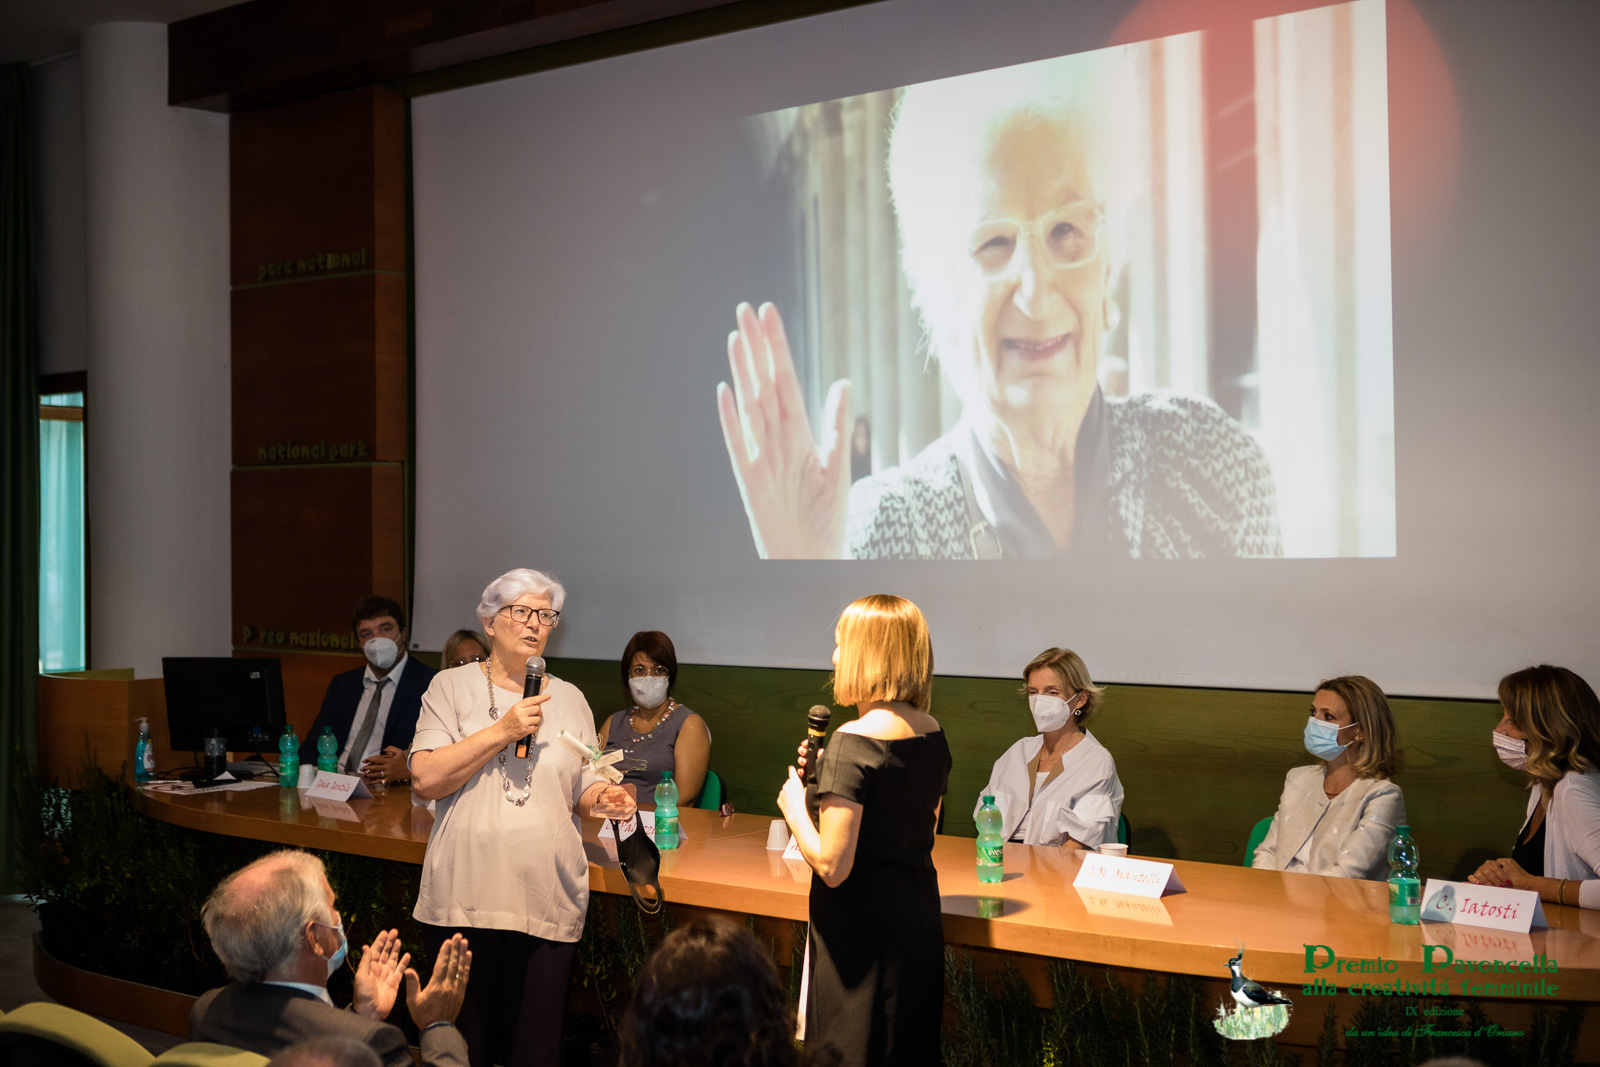 La sen. Paola Binetti riceve il Premio Pavoncella attribuito a Liliana Segre quale Donna dell'Anno